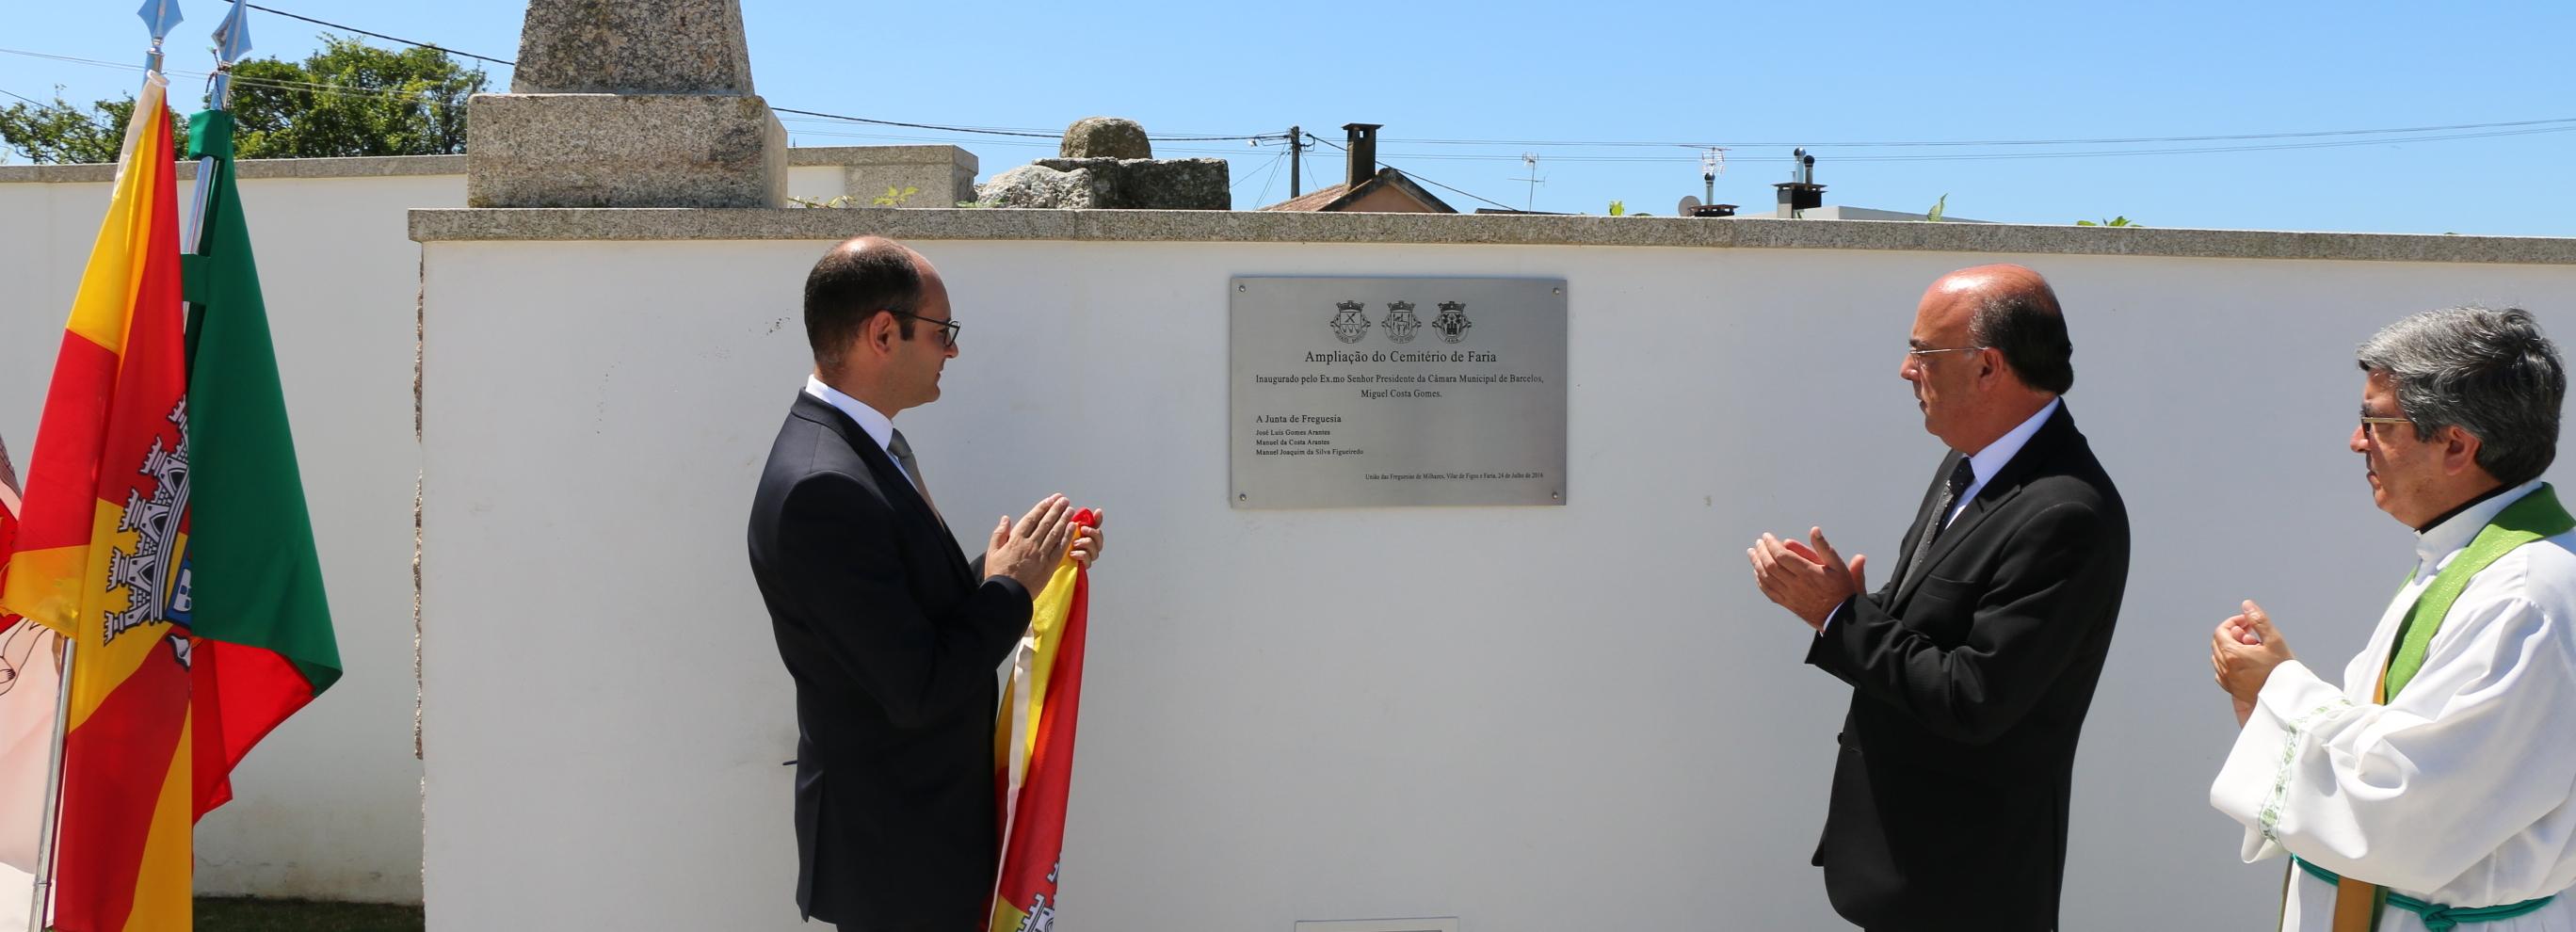 Presidente da Câmara inaugurou ampliação do cemitério de Faria